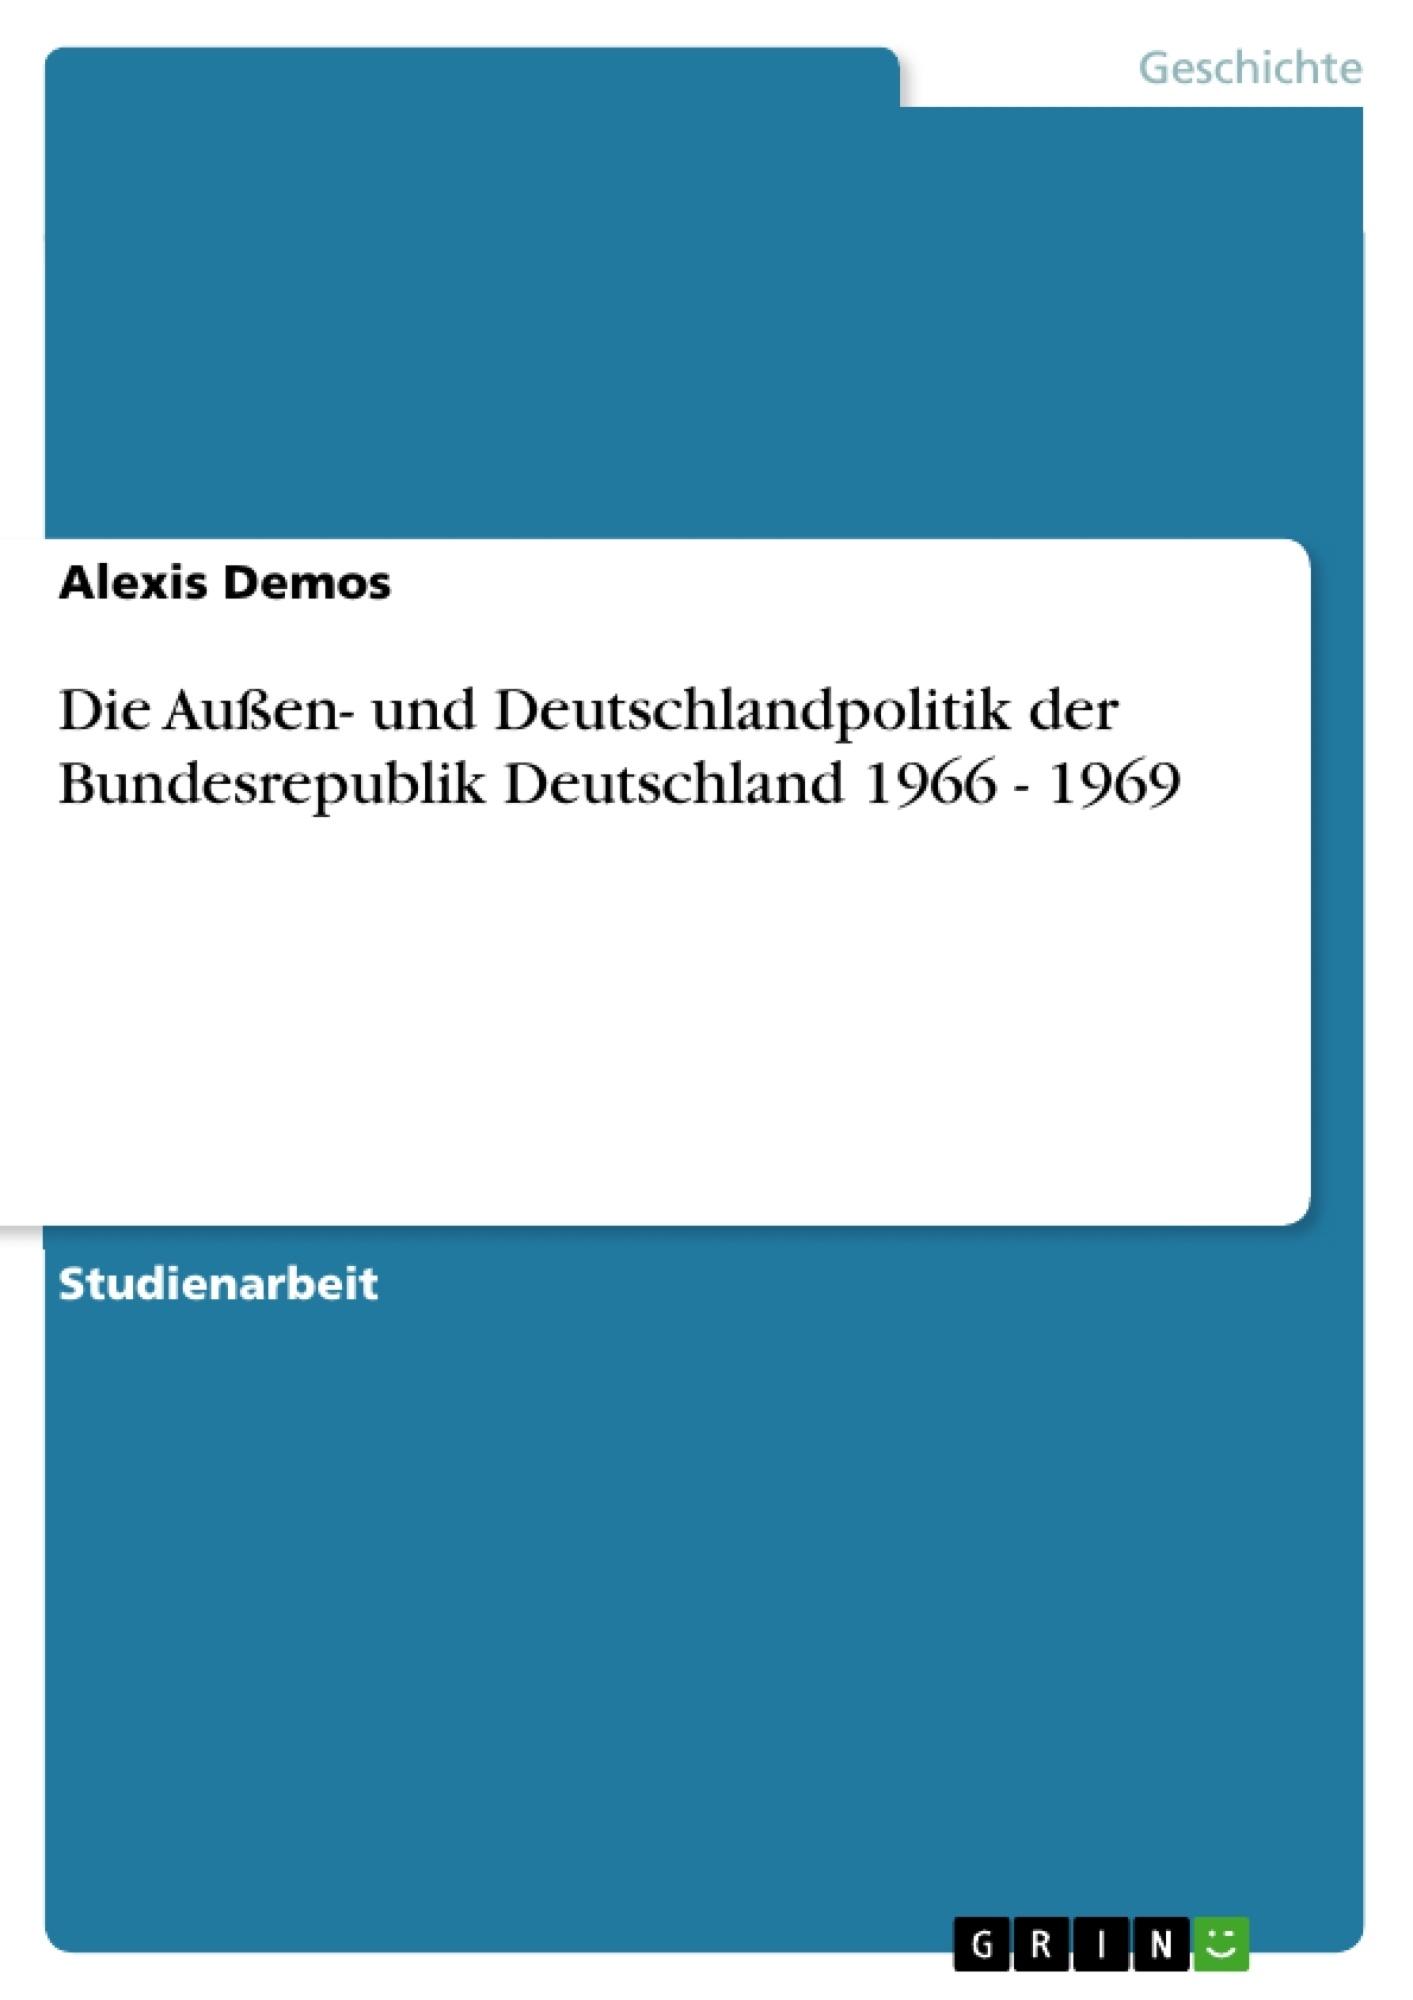 Titel: Die Außen- und Deutschlandpolitik der Bundesrepublik Deutschland 1966 - 1969